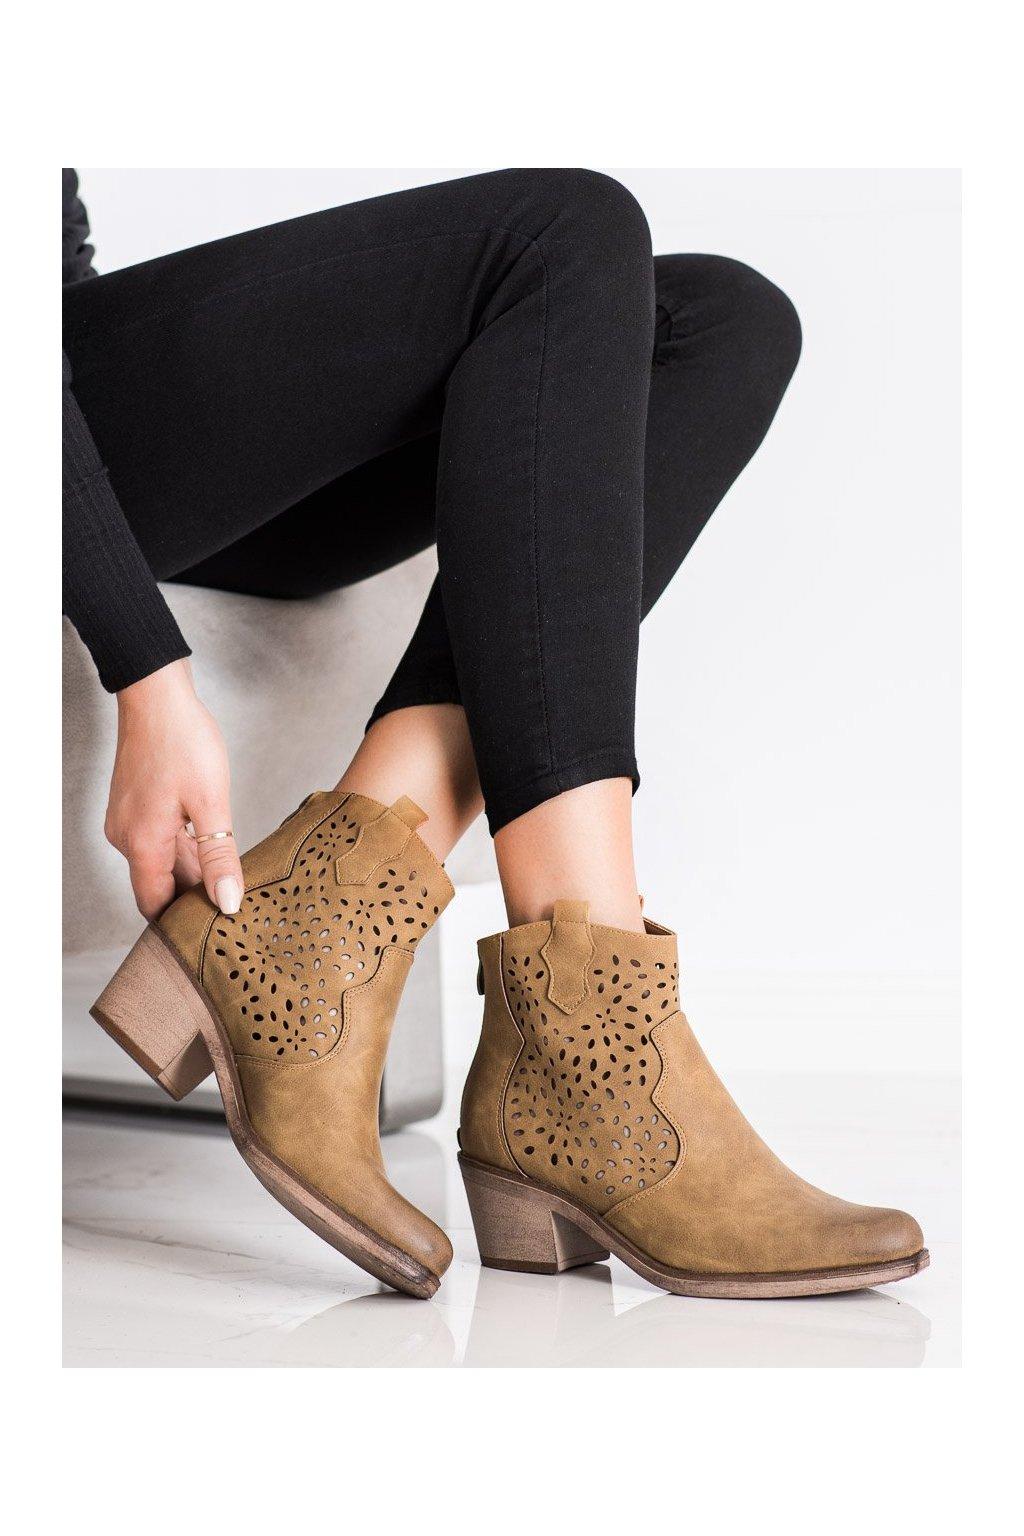 Hnedé dámske topánky Sergio leone kod BT152COF